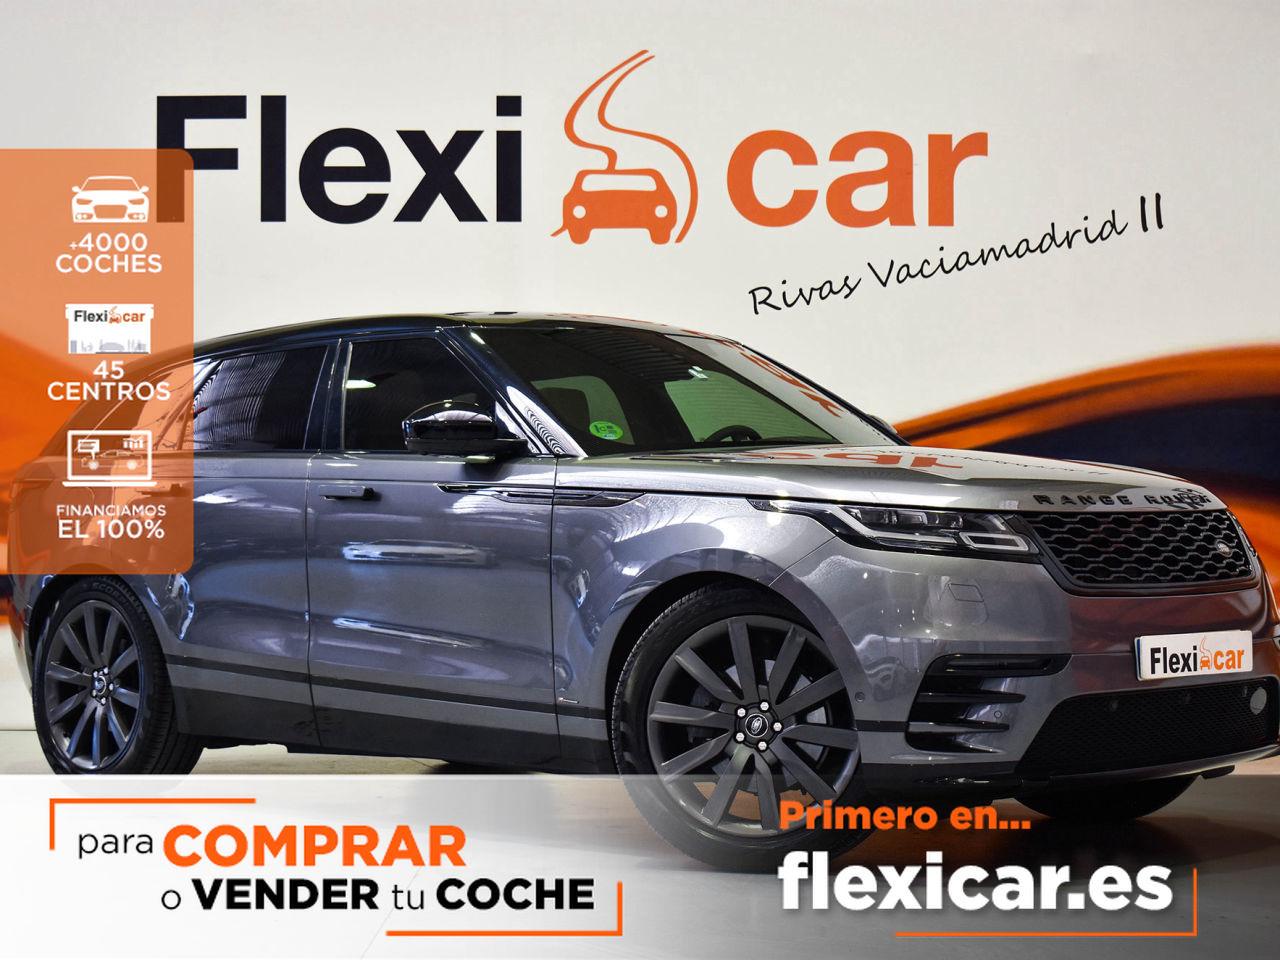 Land Rover Range Rover Velar ocasión segunda mano 2018 Diésel por 55.490€ en Huelva